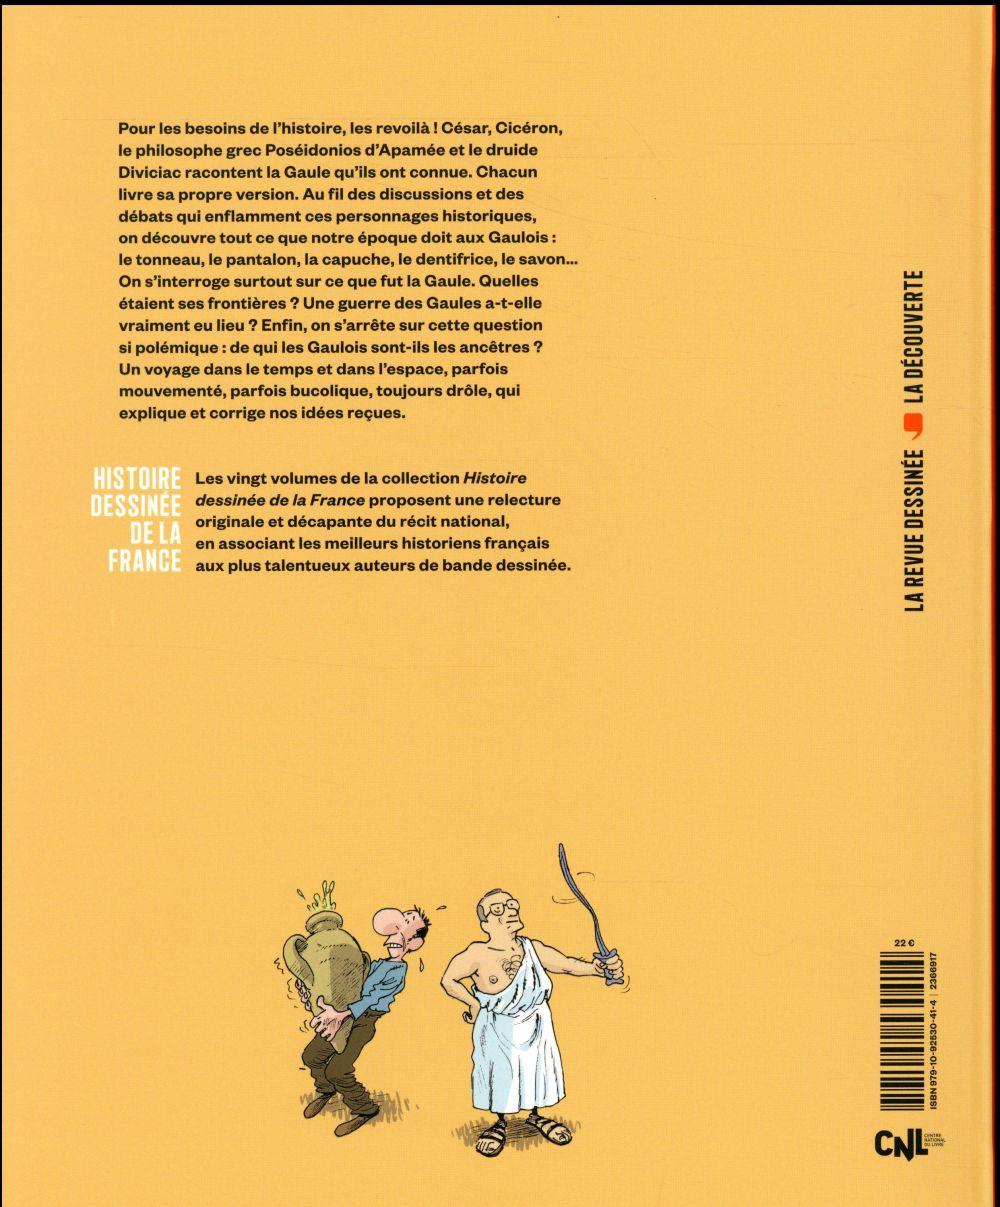 Histoire dessinee de la france n.2 ; l'enquete gauloise : de massilia a jules cesar